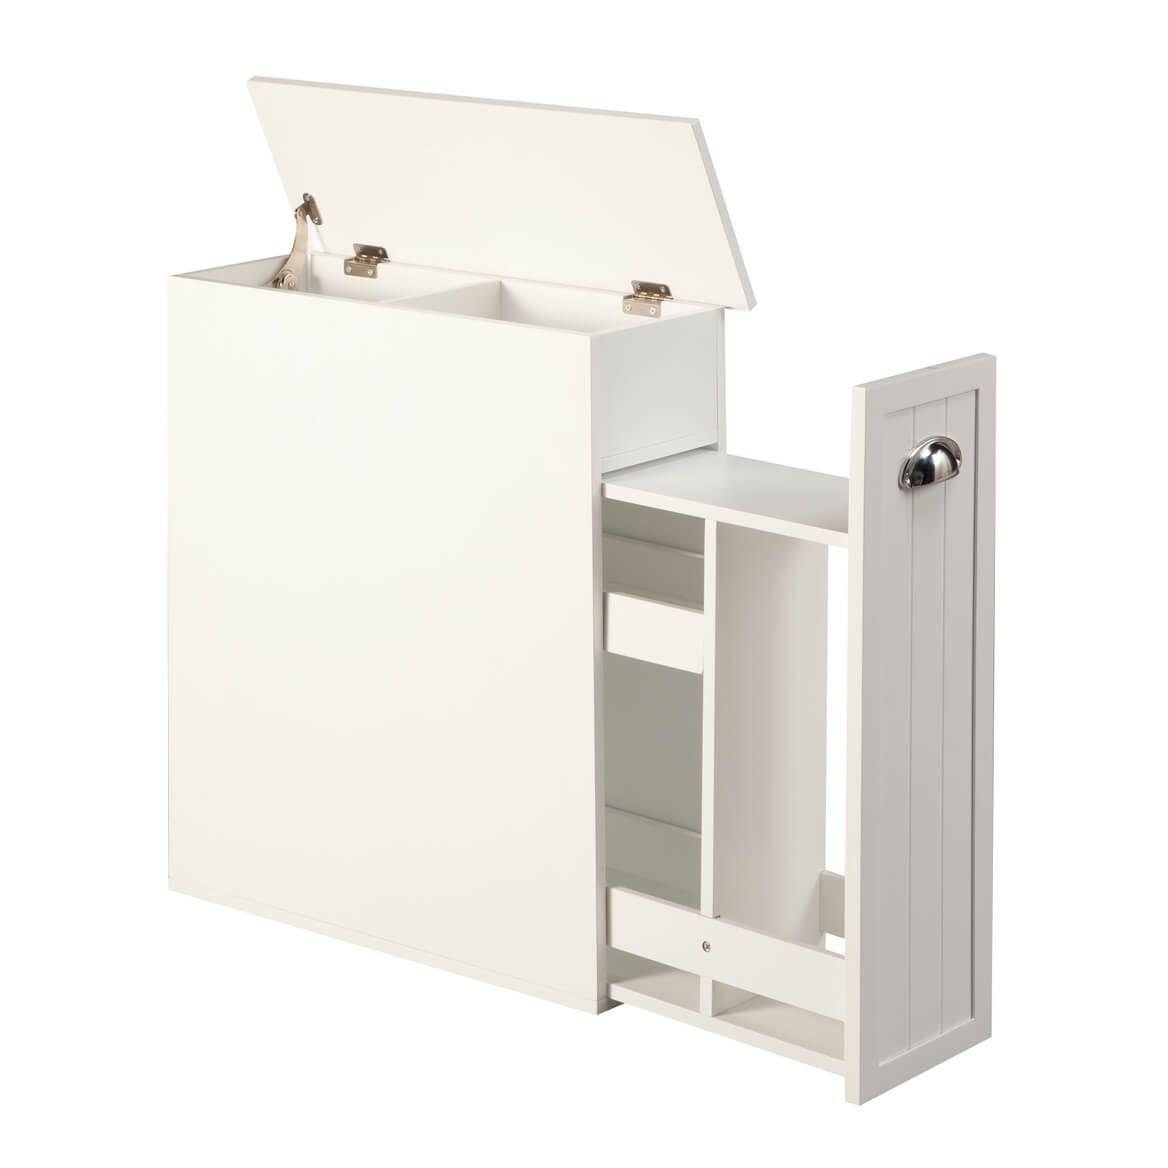 Slim Bathroom Storage Cabinet by OakRidge™     XL-360086